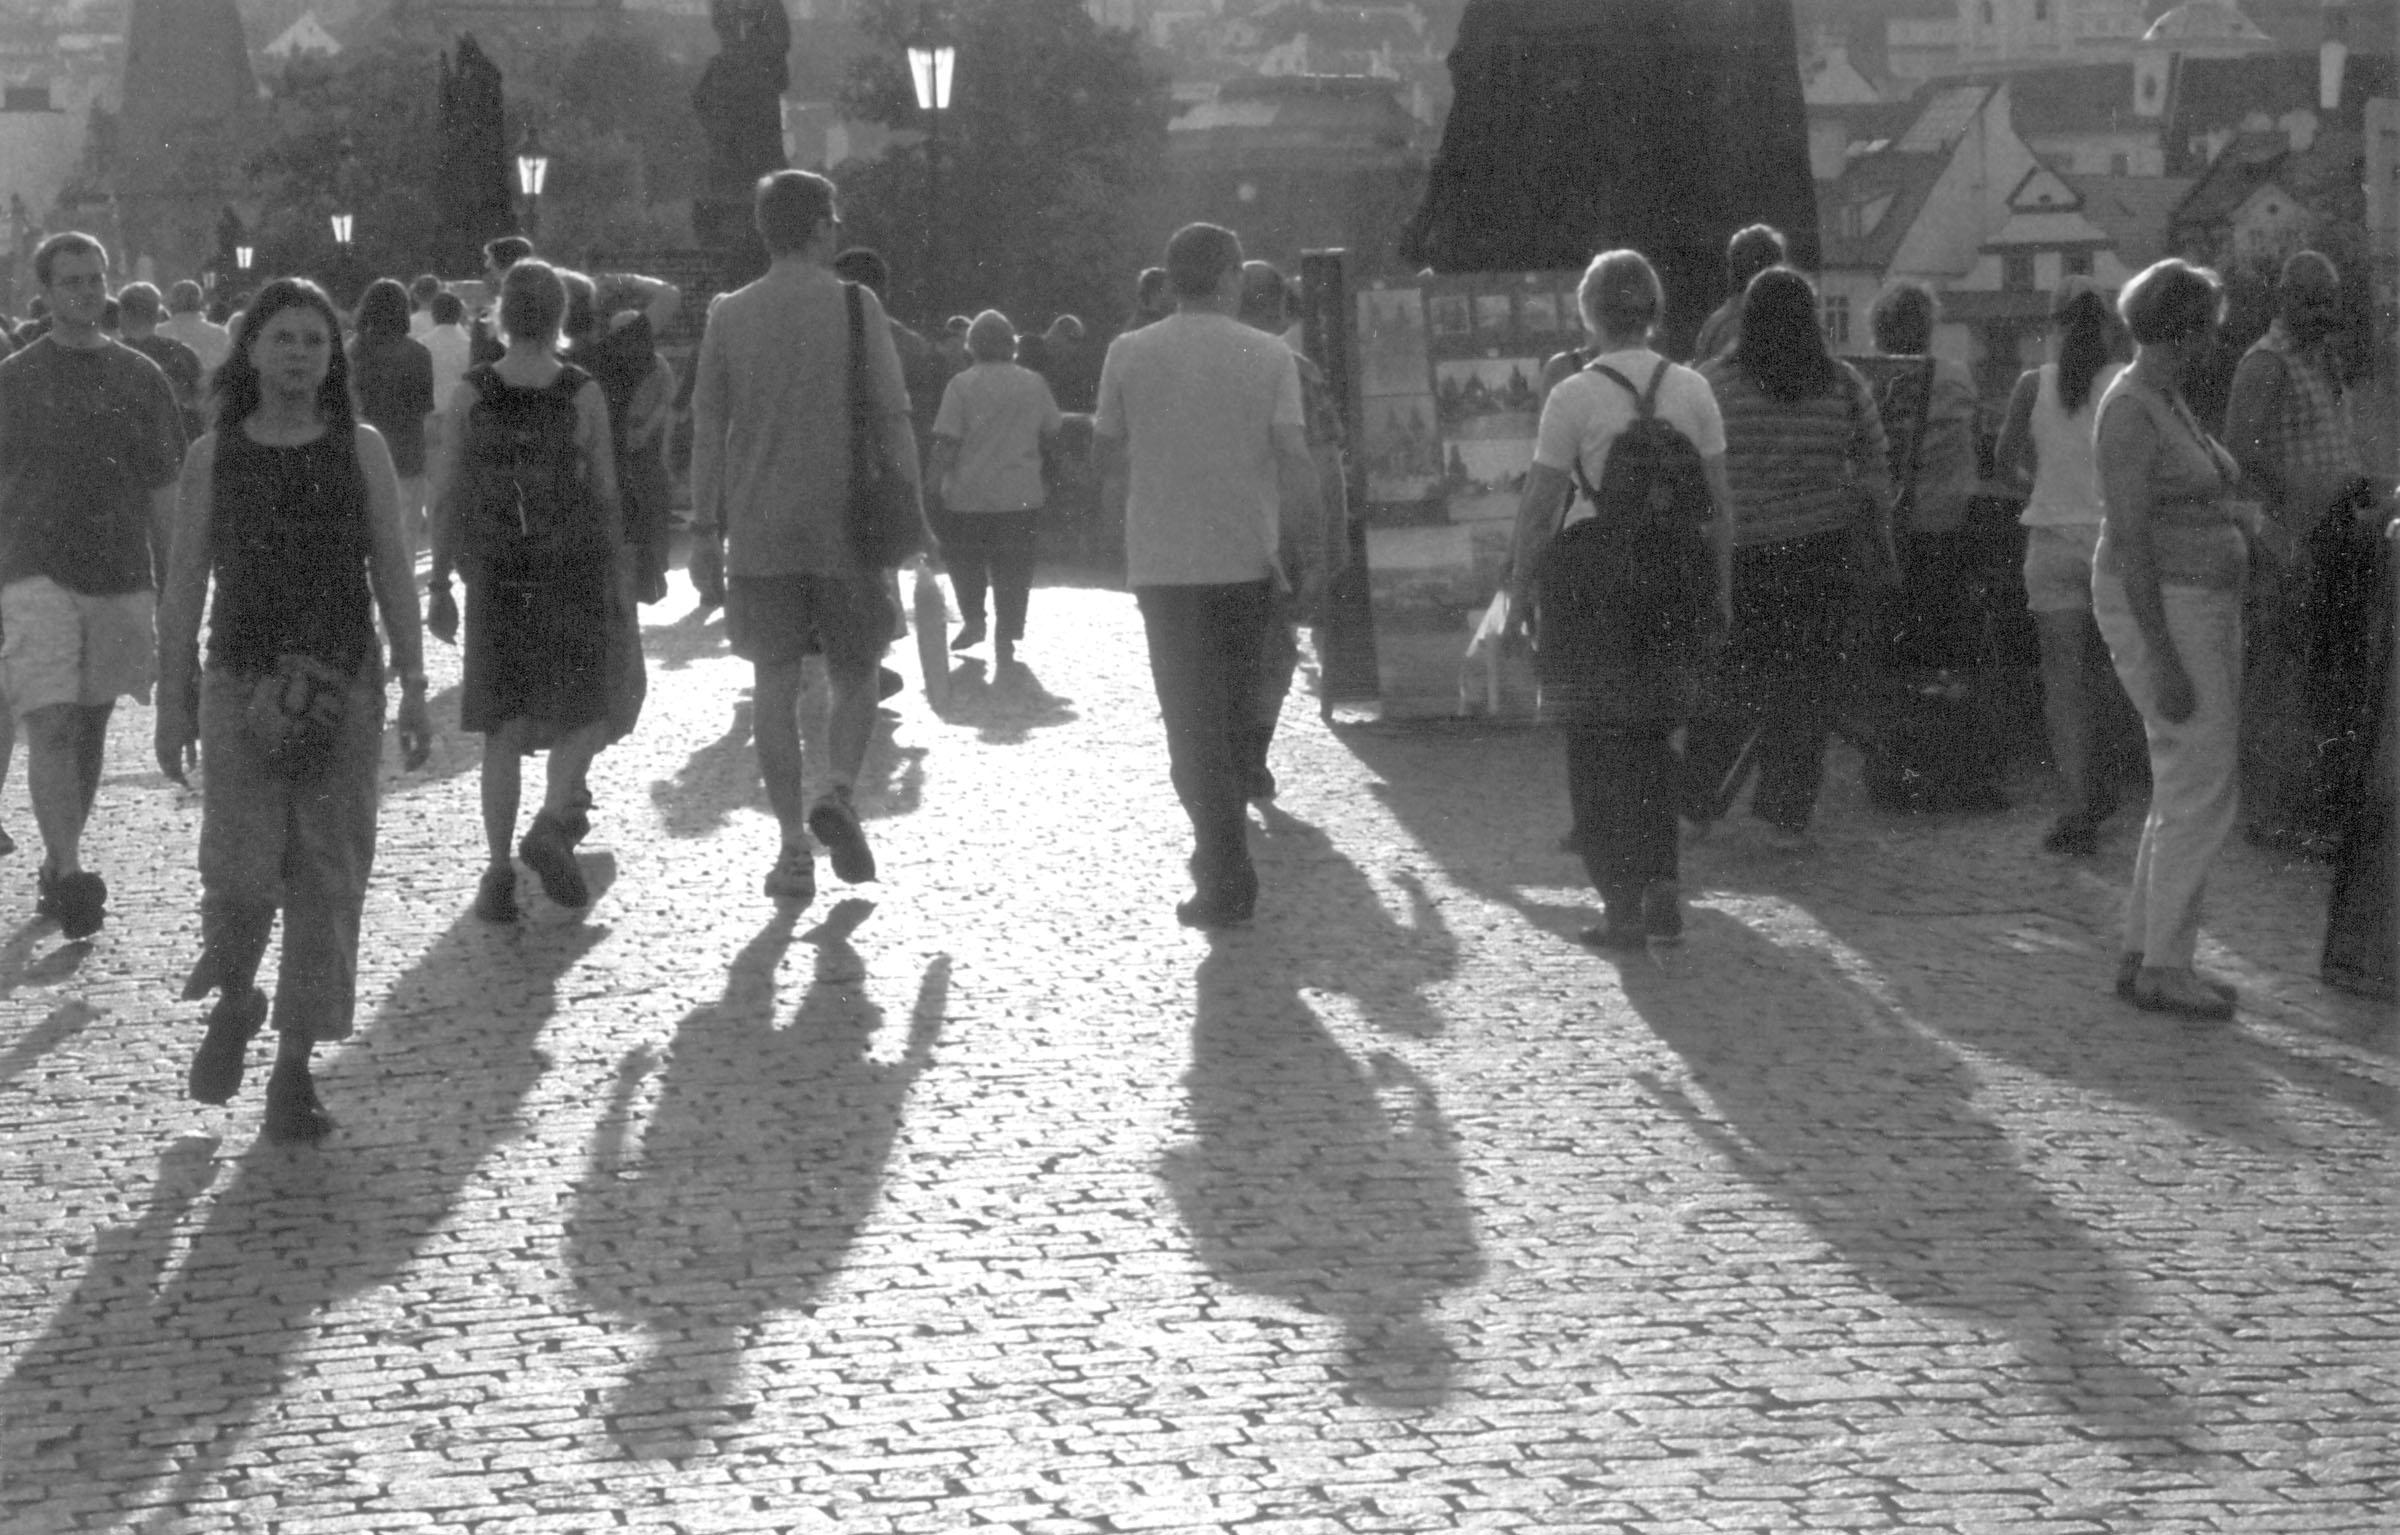 2004.09.18. Hétköznapok fotópályázat - Folcz Tóbiás - Esti séta.jpg